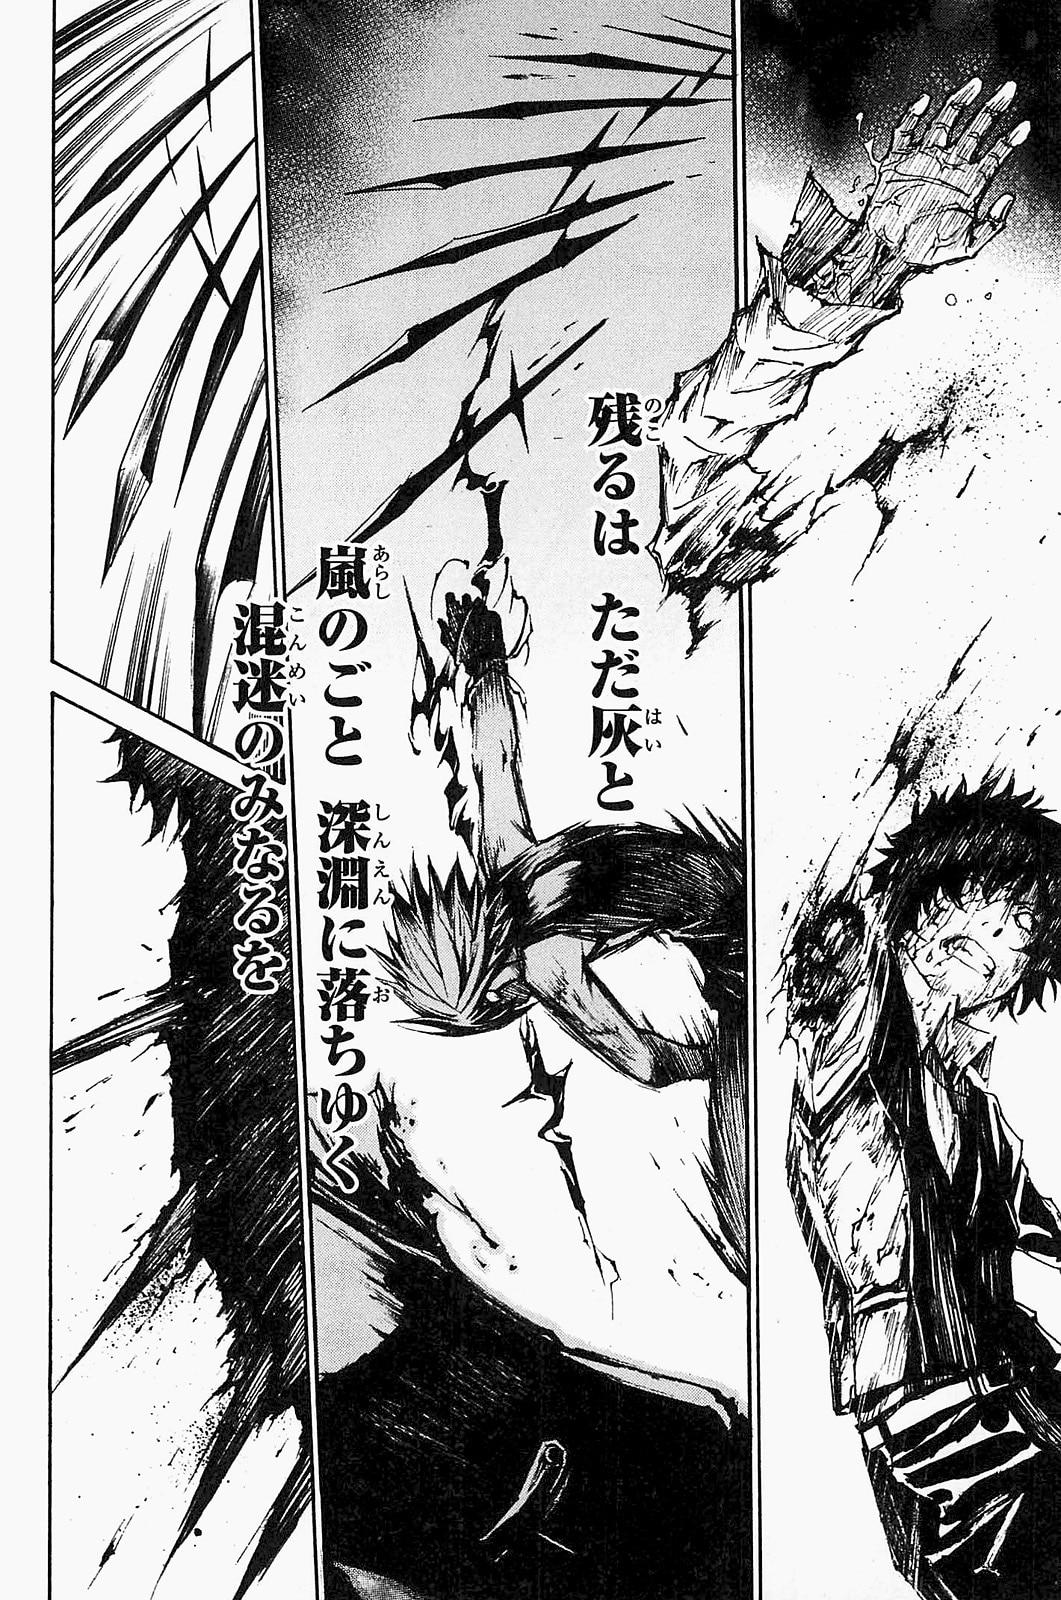 《圣痕炼金士》漫画汉化版1卷-24卷完结下载,非18禁而远胜18禁